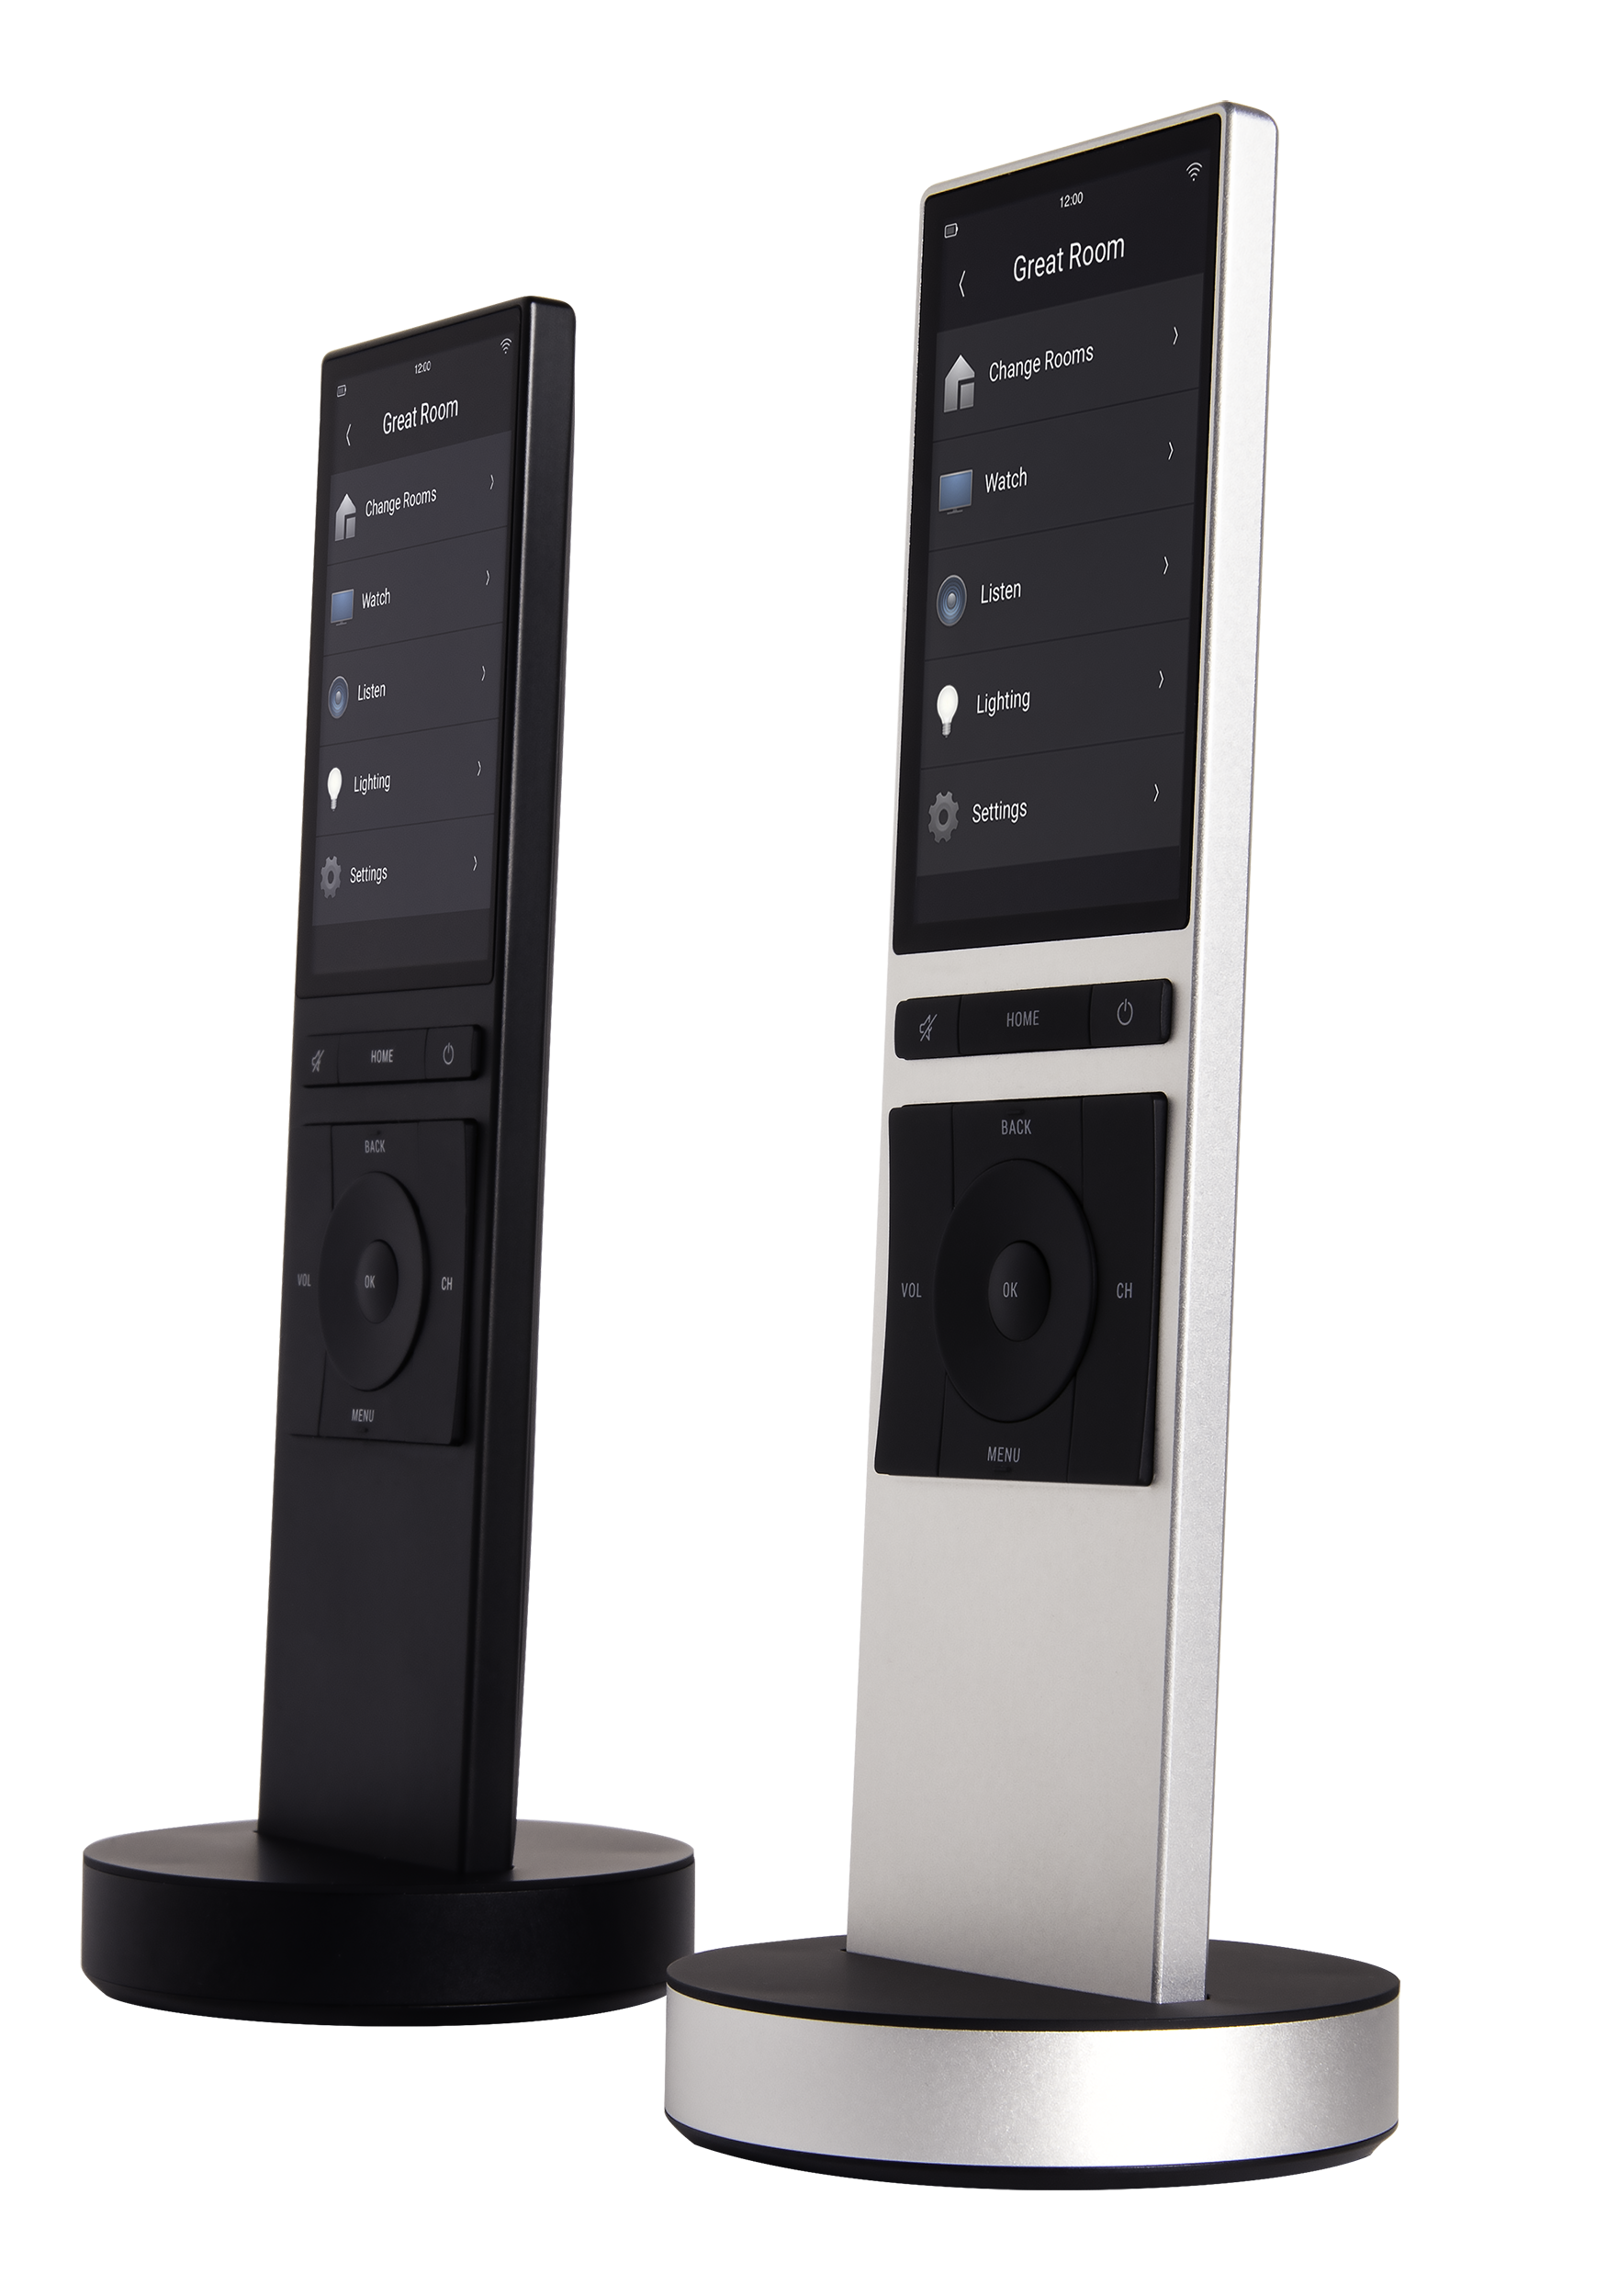 Diaľkový ovládač NEEO od Control4 vo farbe striebornej a čiernej